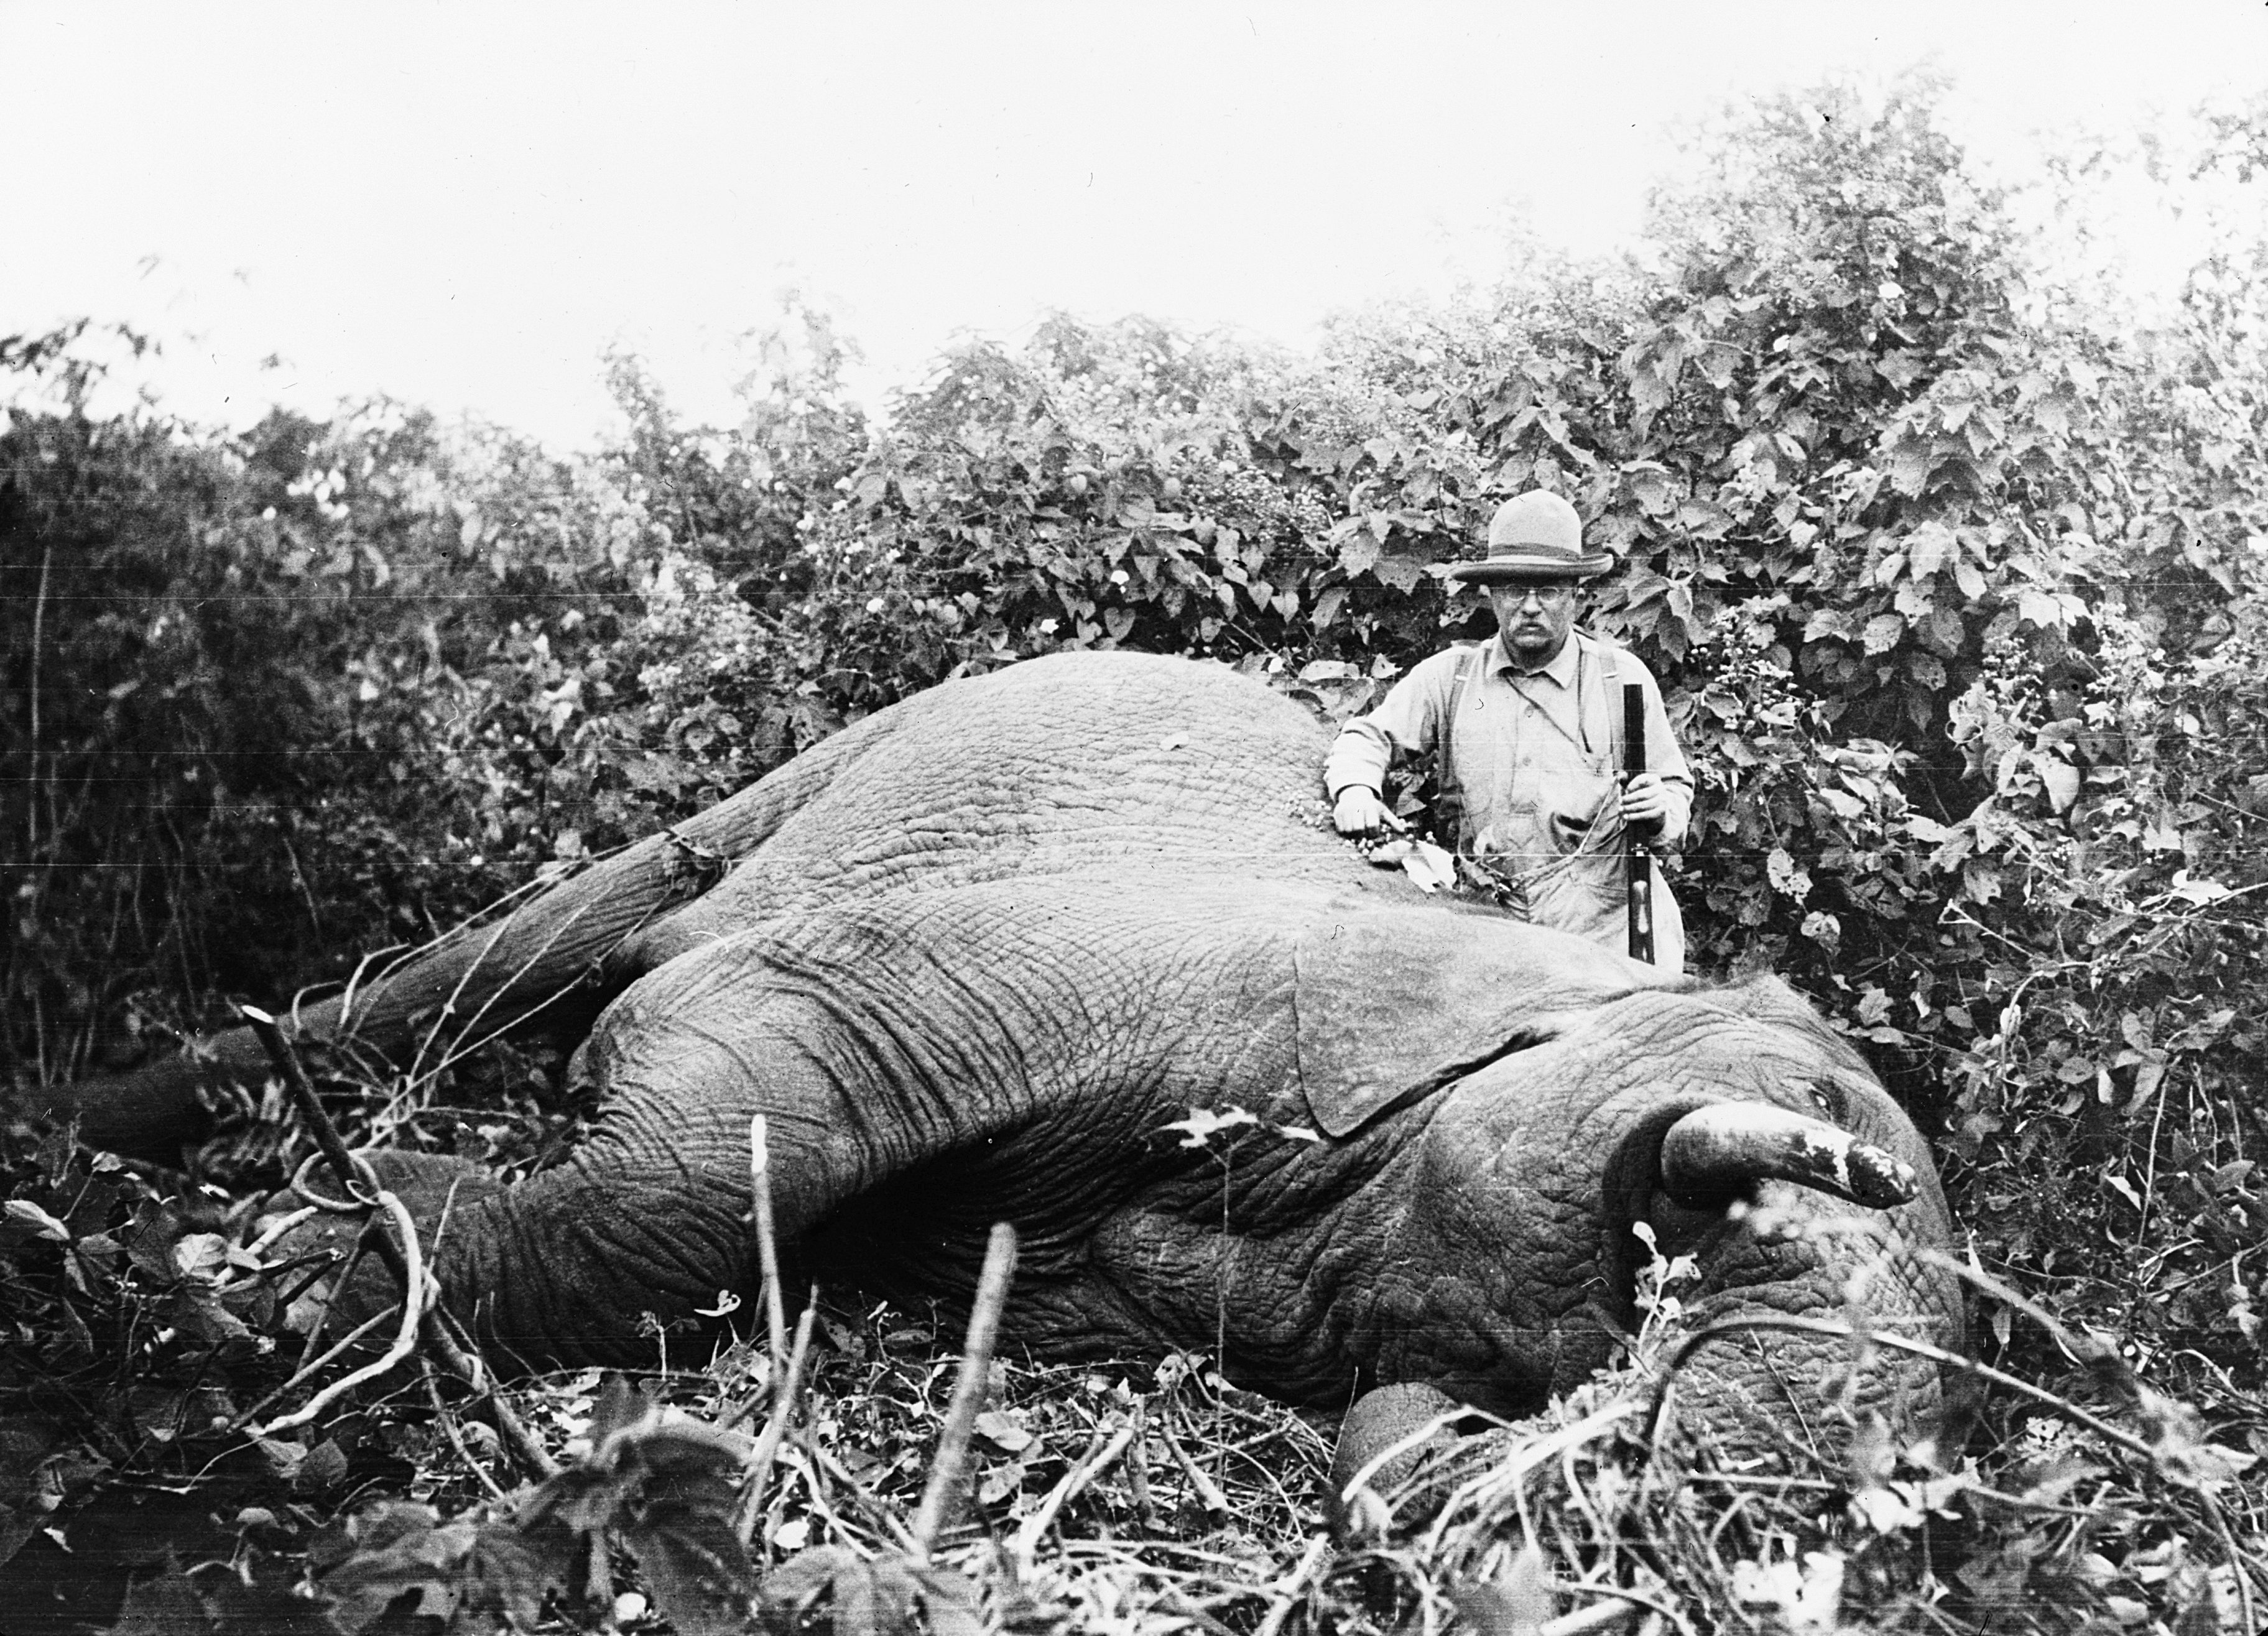 El presidente Roosevelt posando junto a un elefante durante un safari